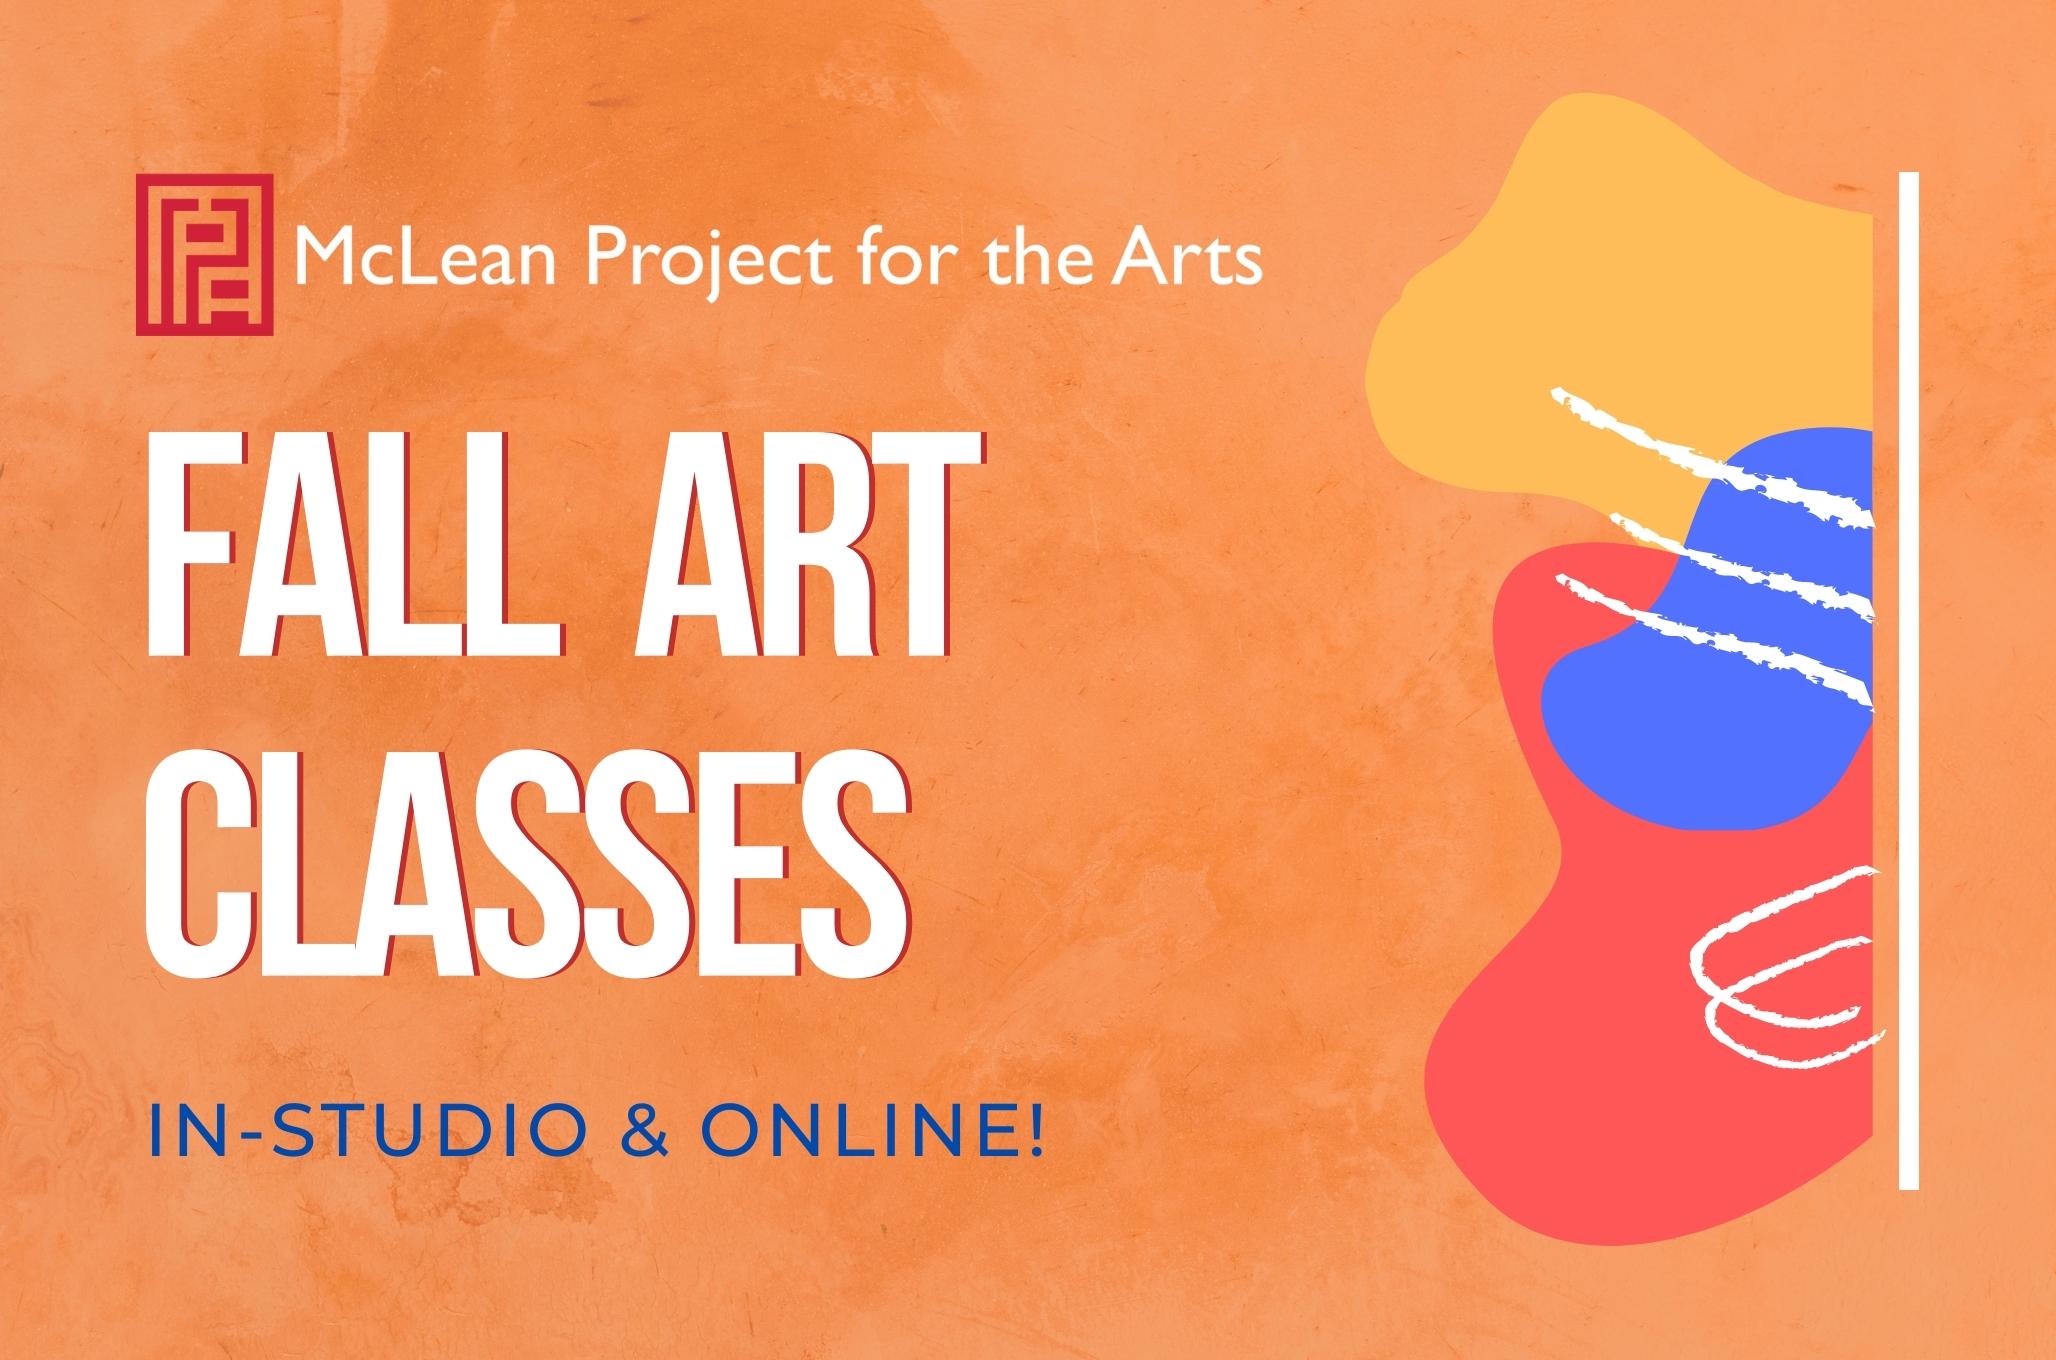 Registration Open for Fall Art Class